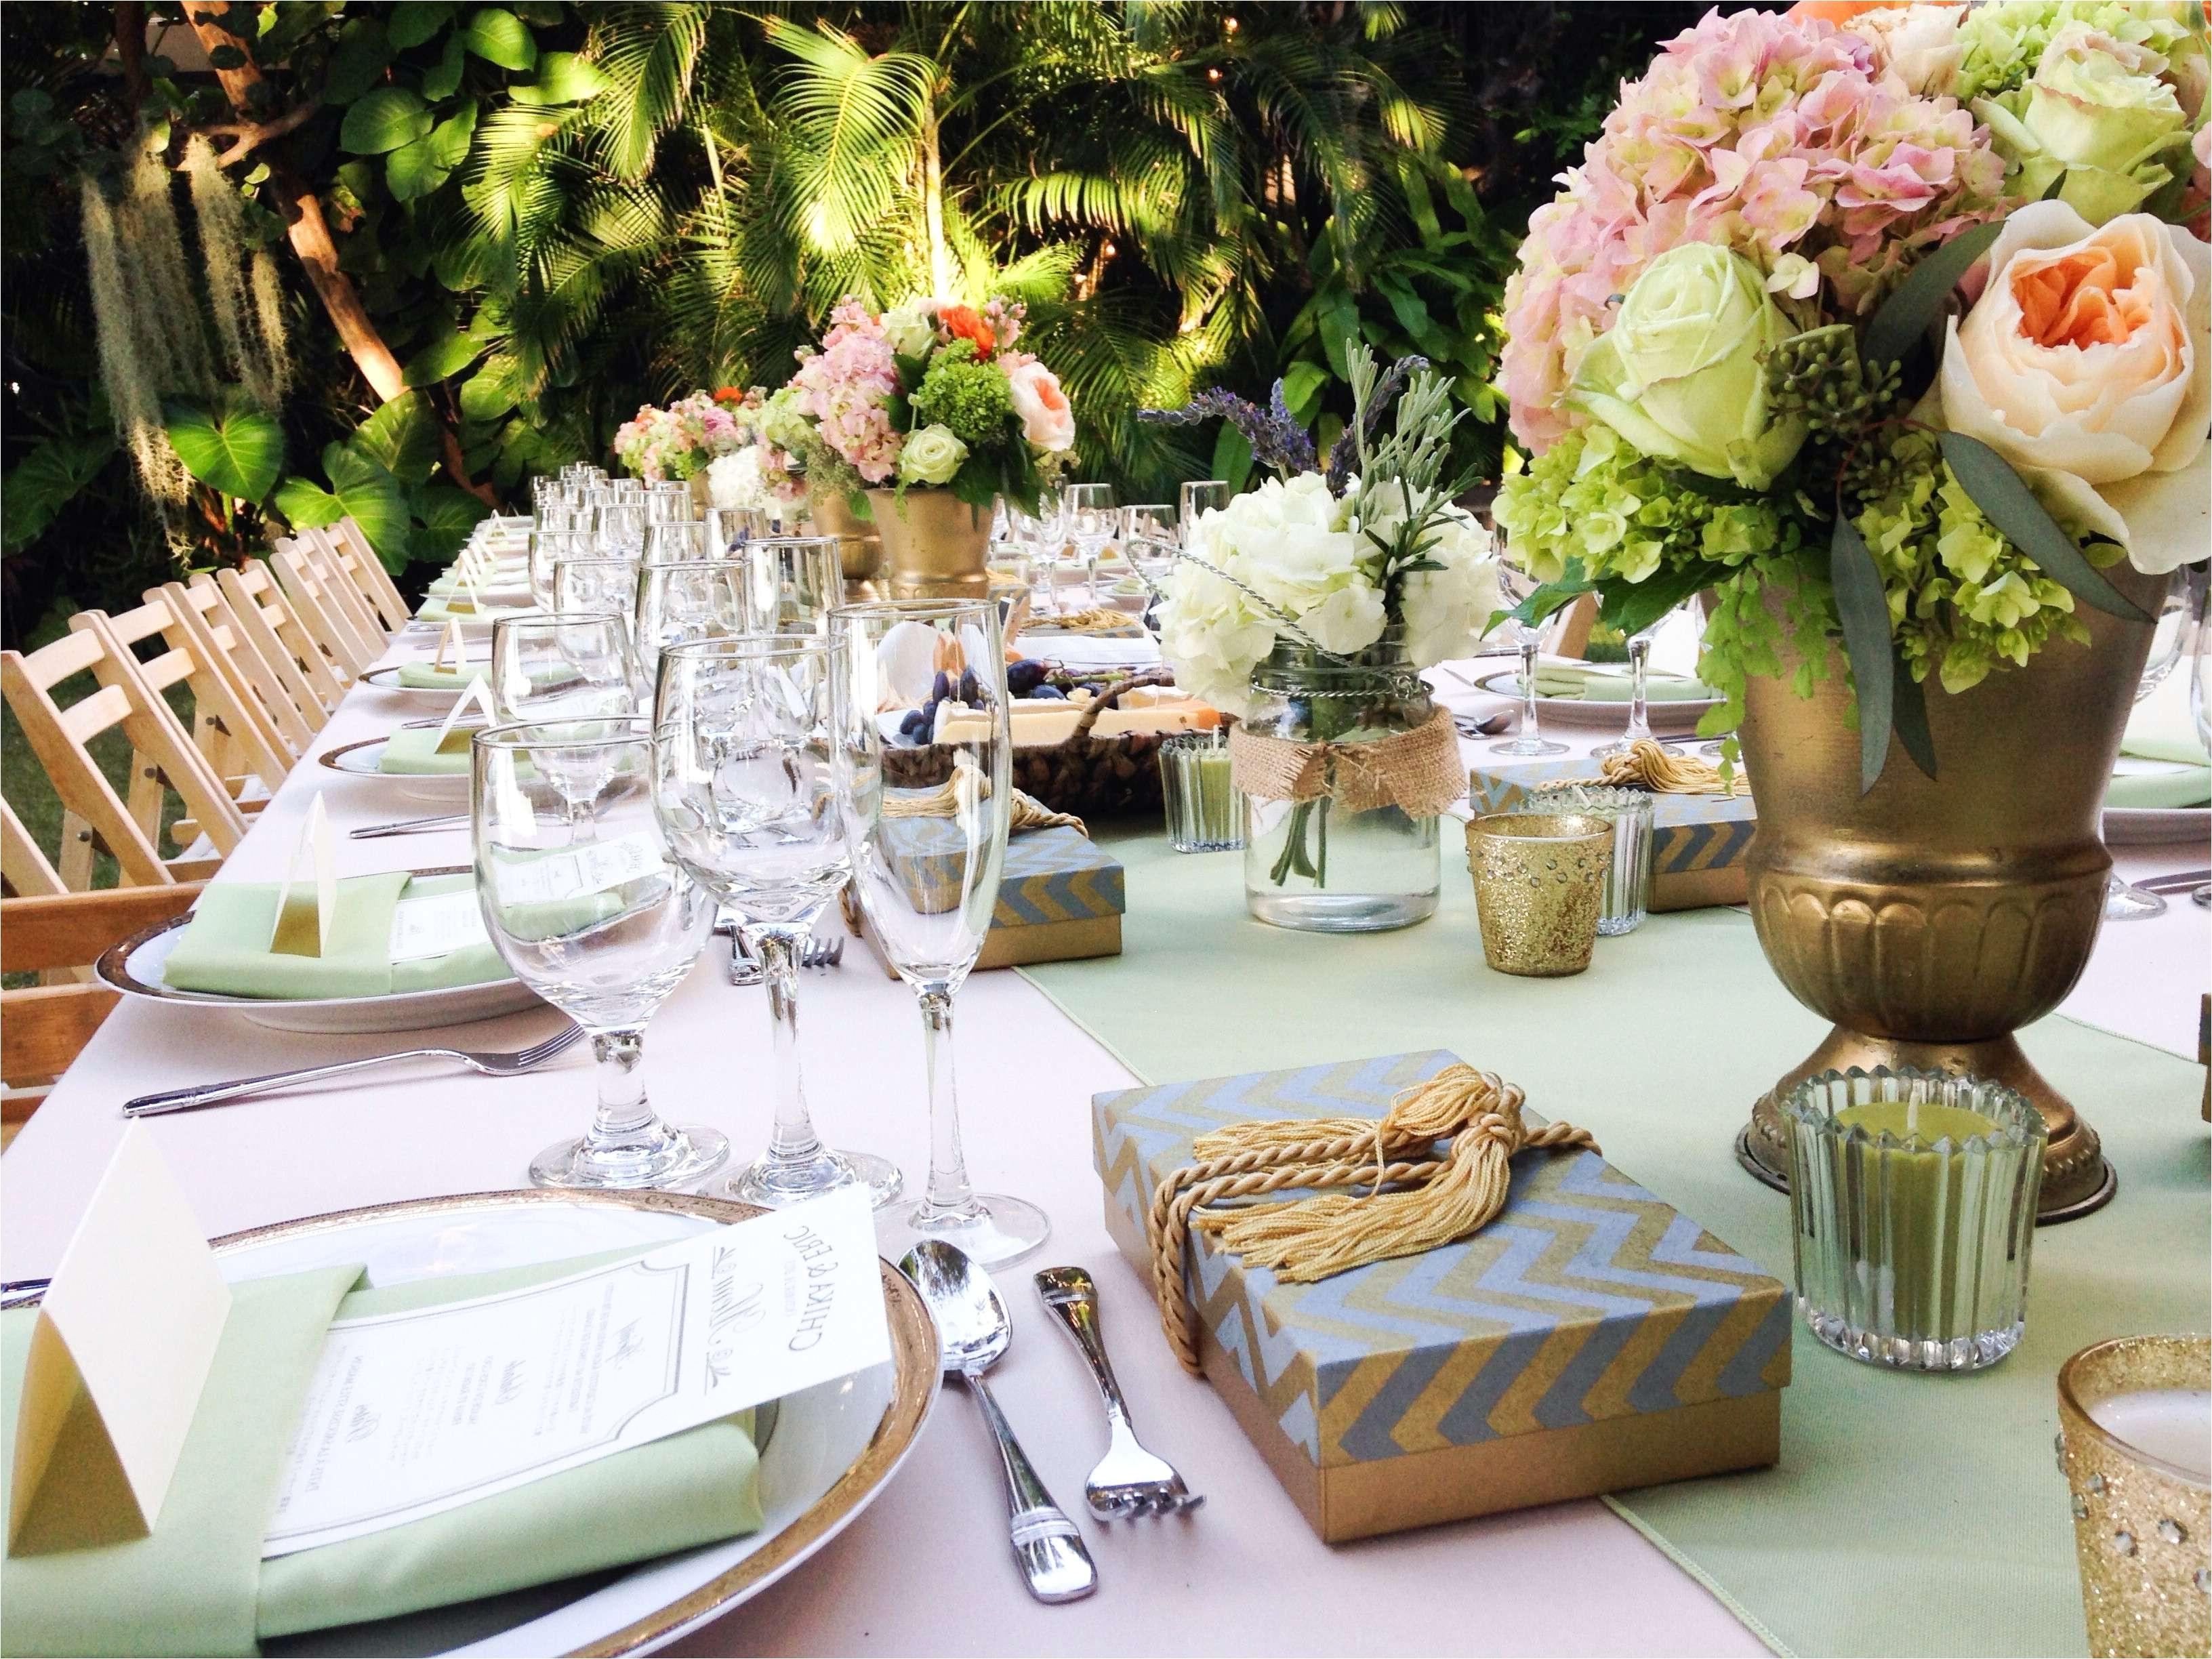 48 luxury white wedding decor design ideas party table ideas